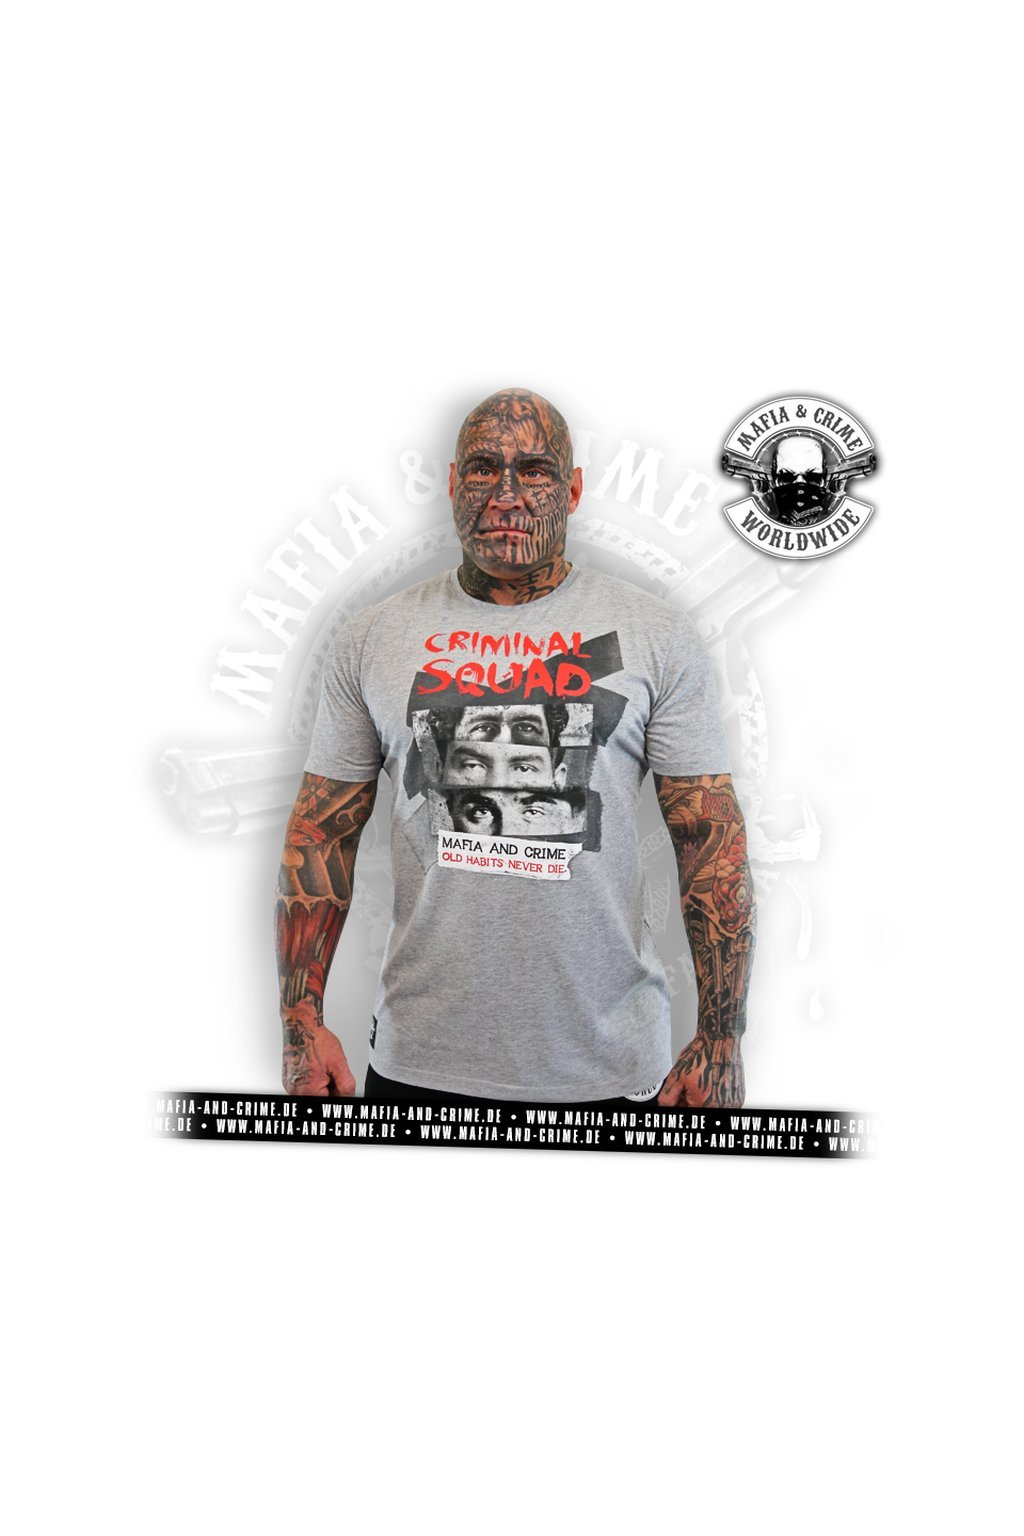 Pánské triko Mafia & Crime Criminal Squad Shirt grau melange obr1